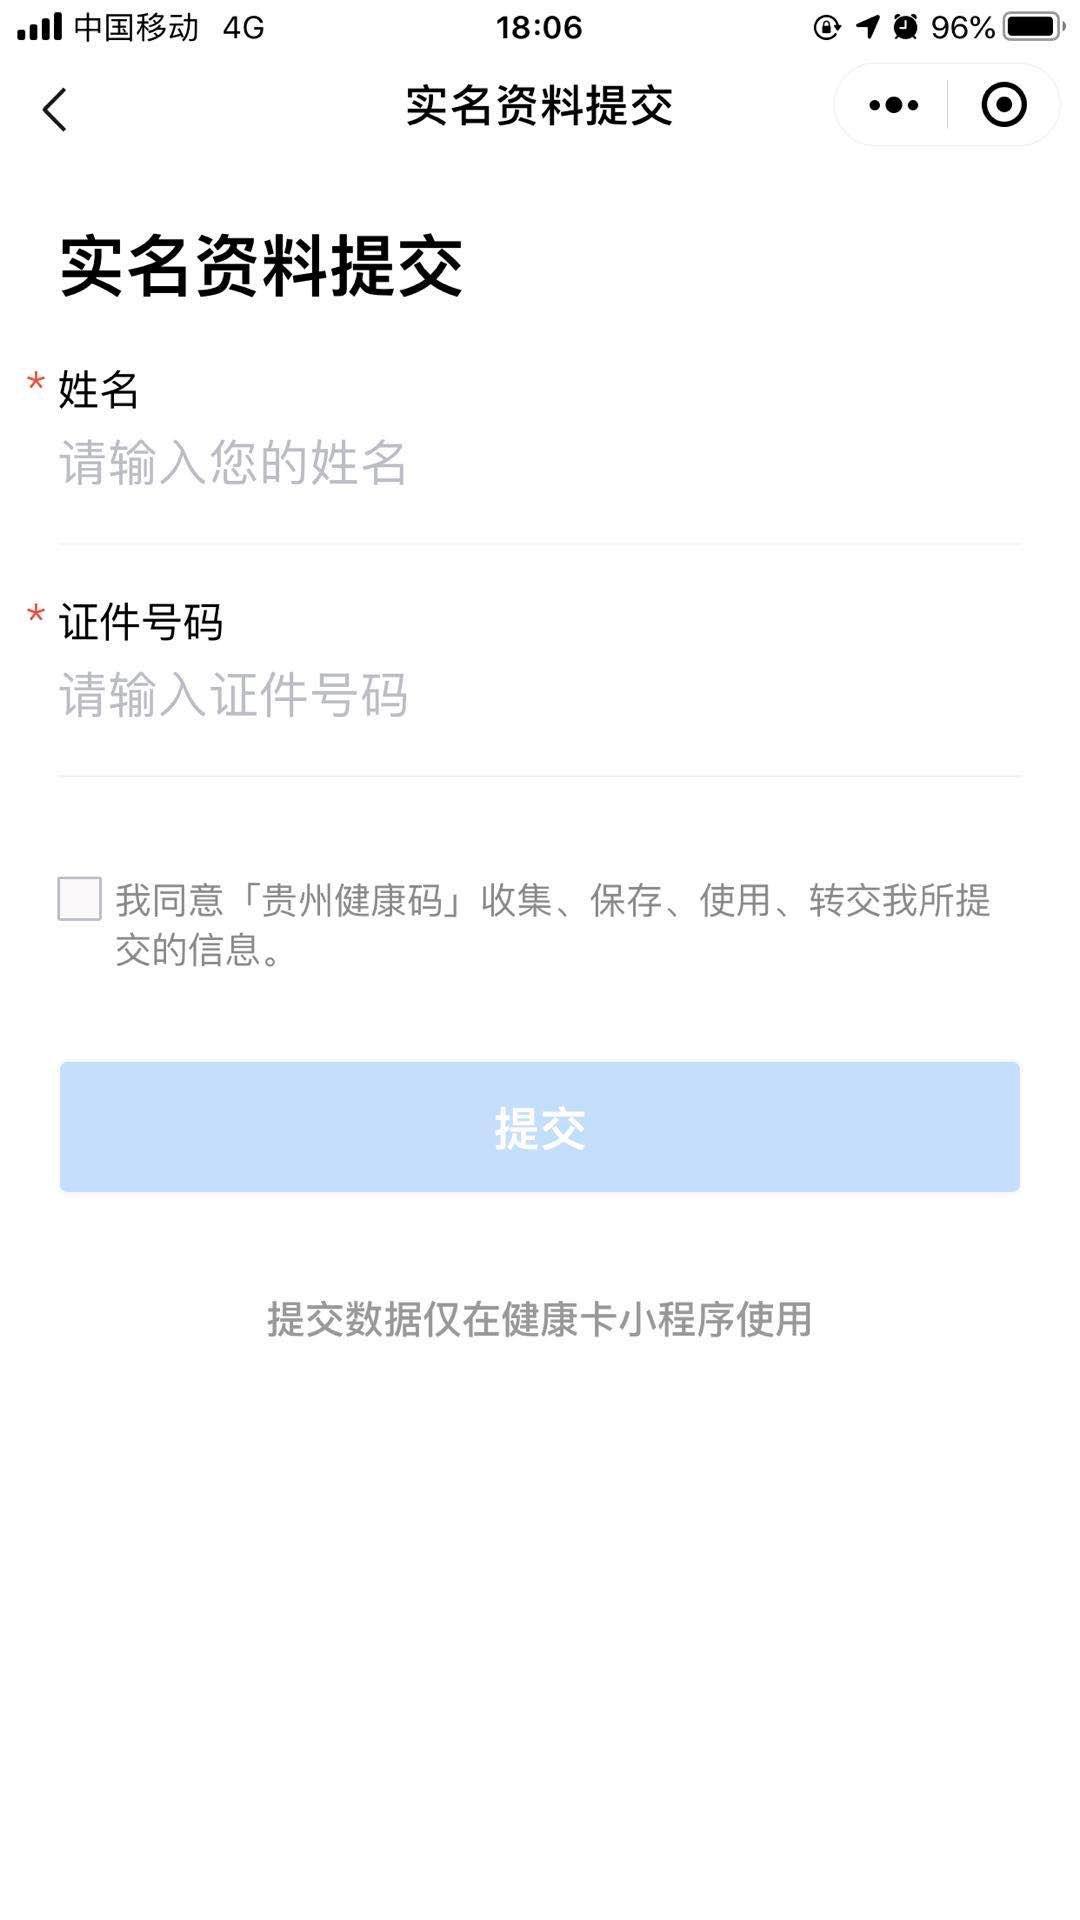 贵州健康码二维码图片怎么弄 支付宝贵州健康码怎么申请截图